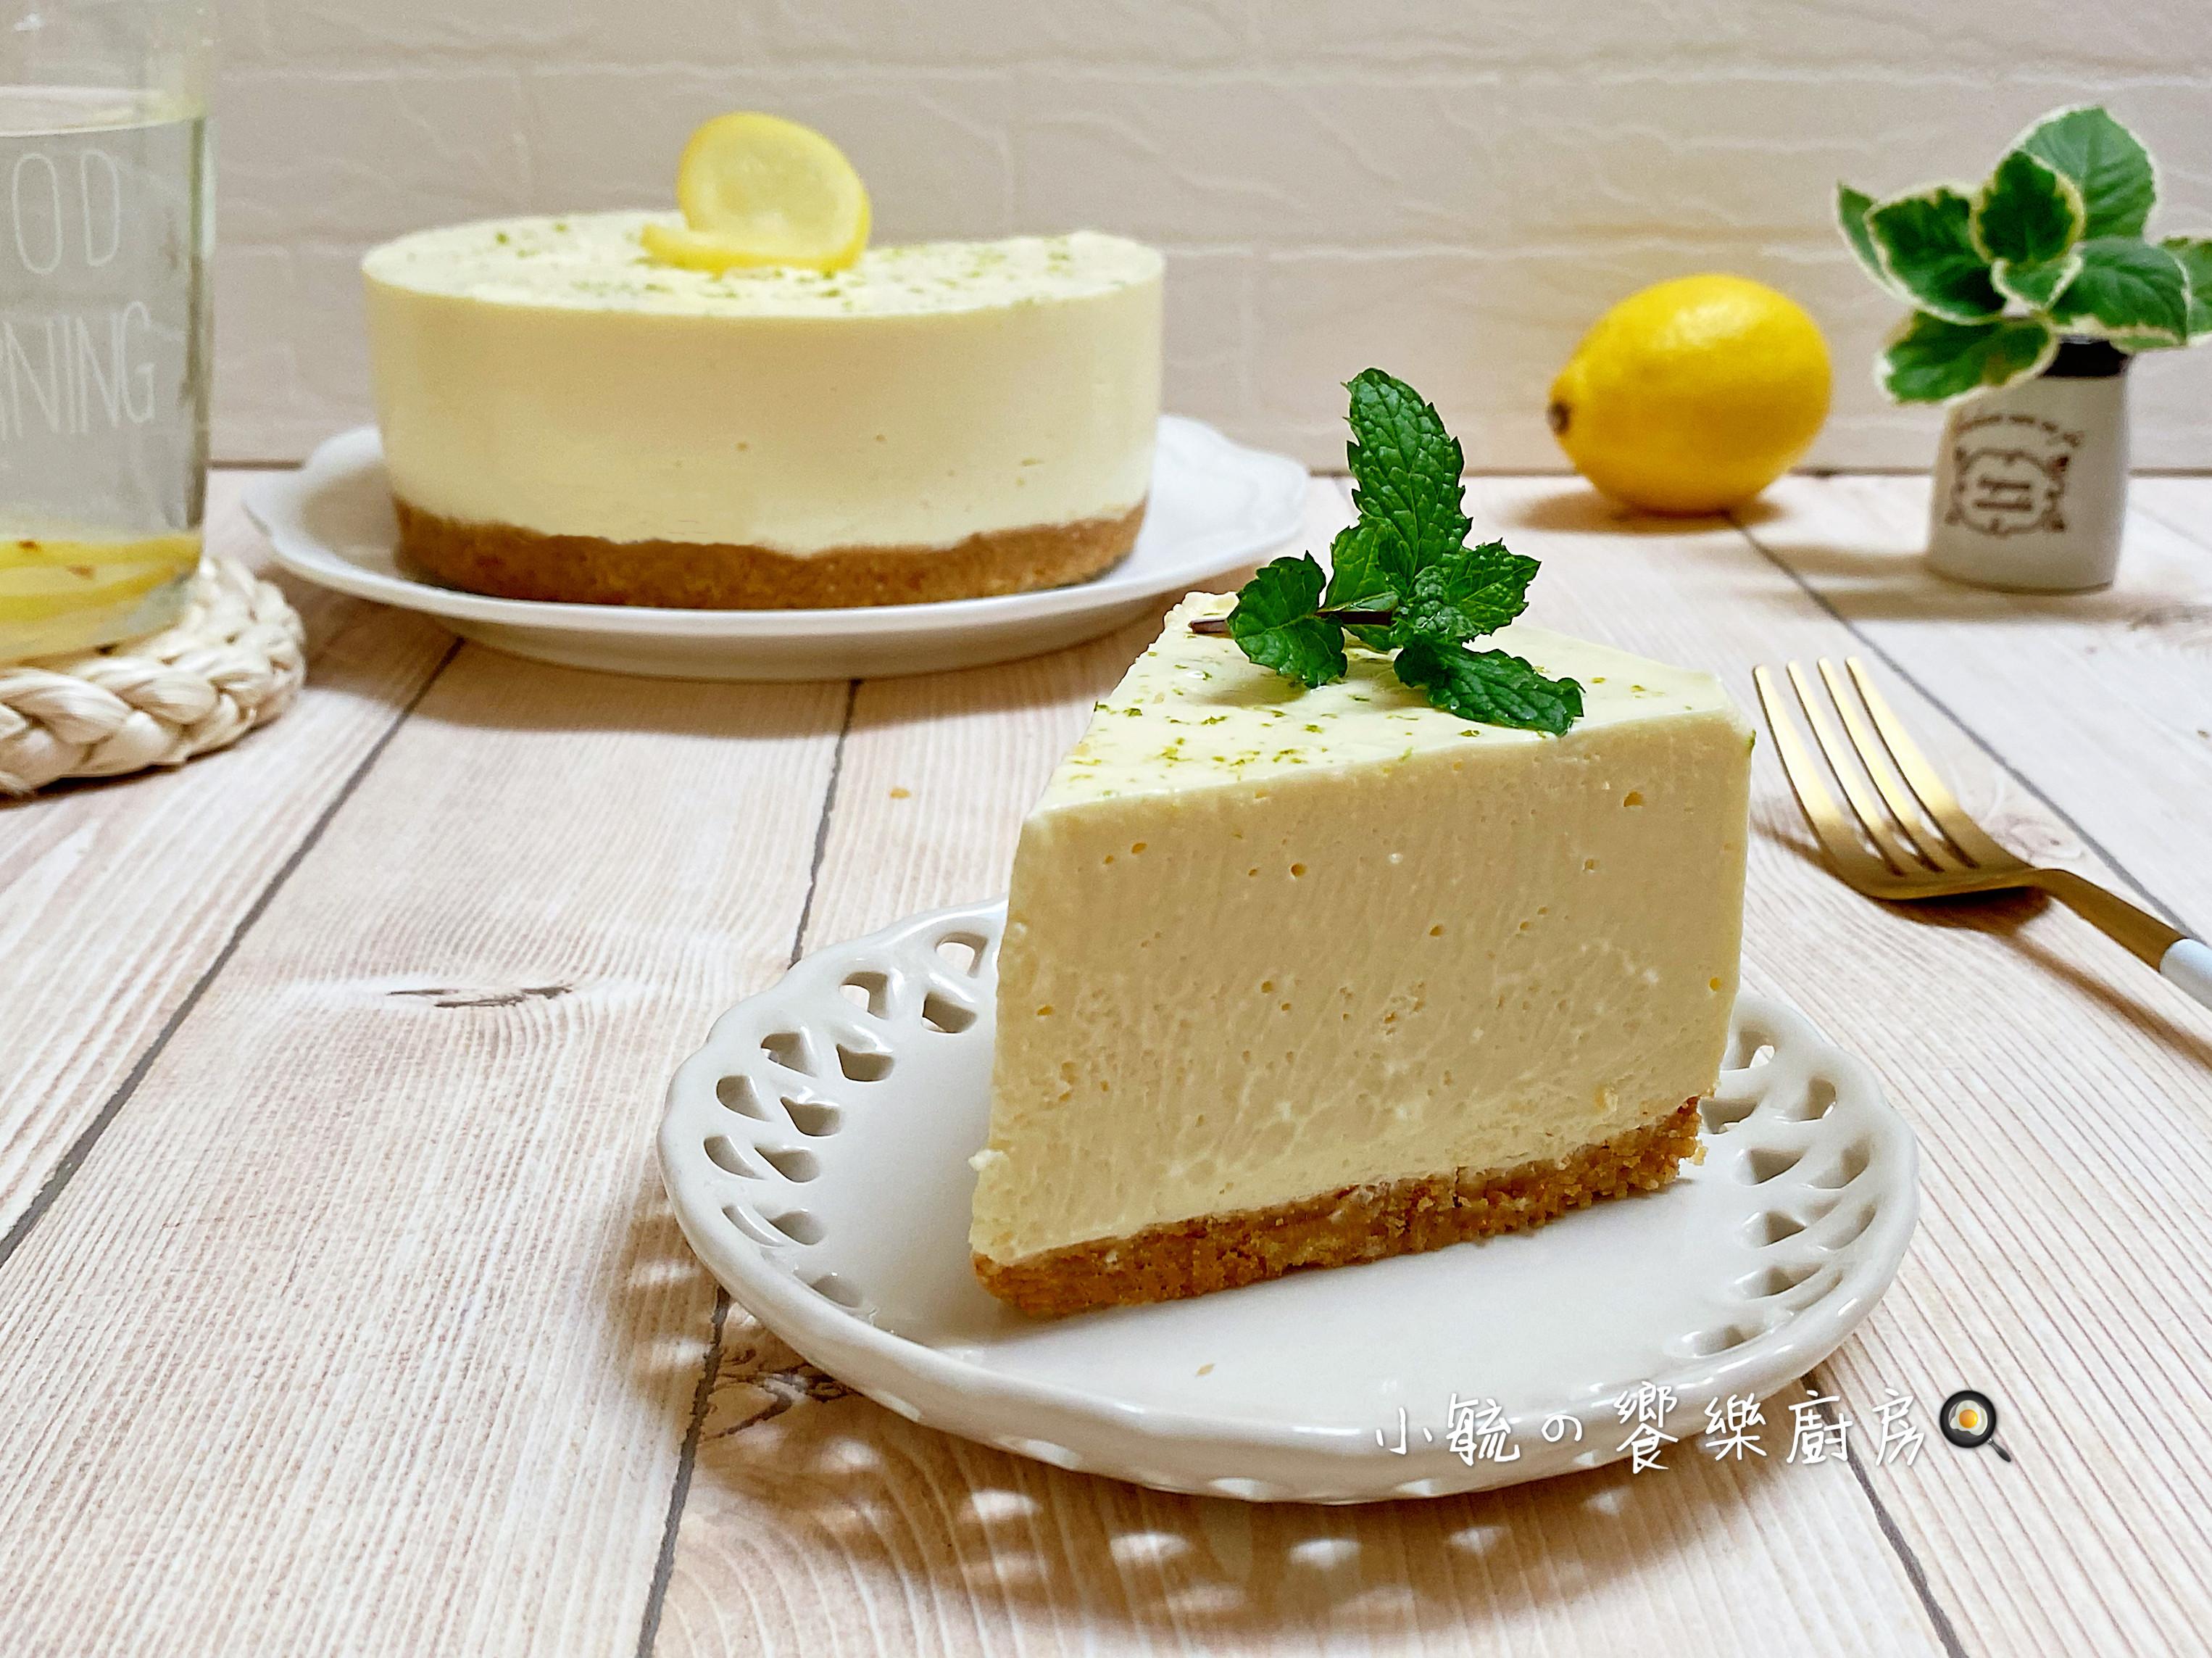 檸檬生乳酪蛋糕